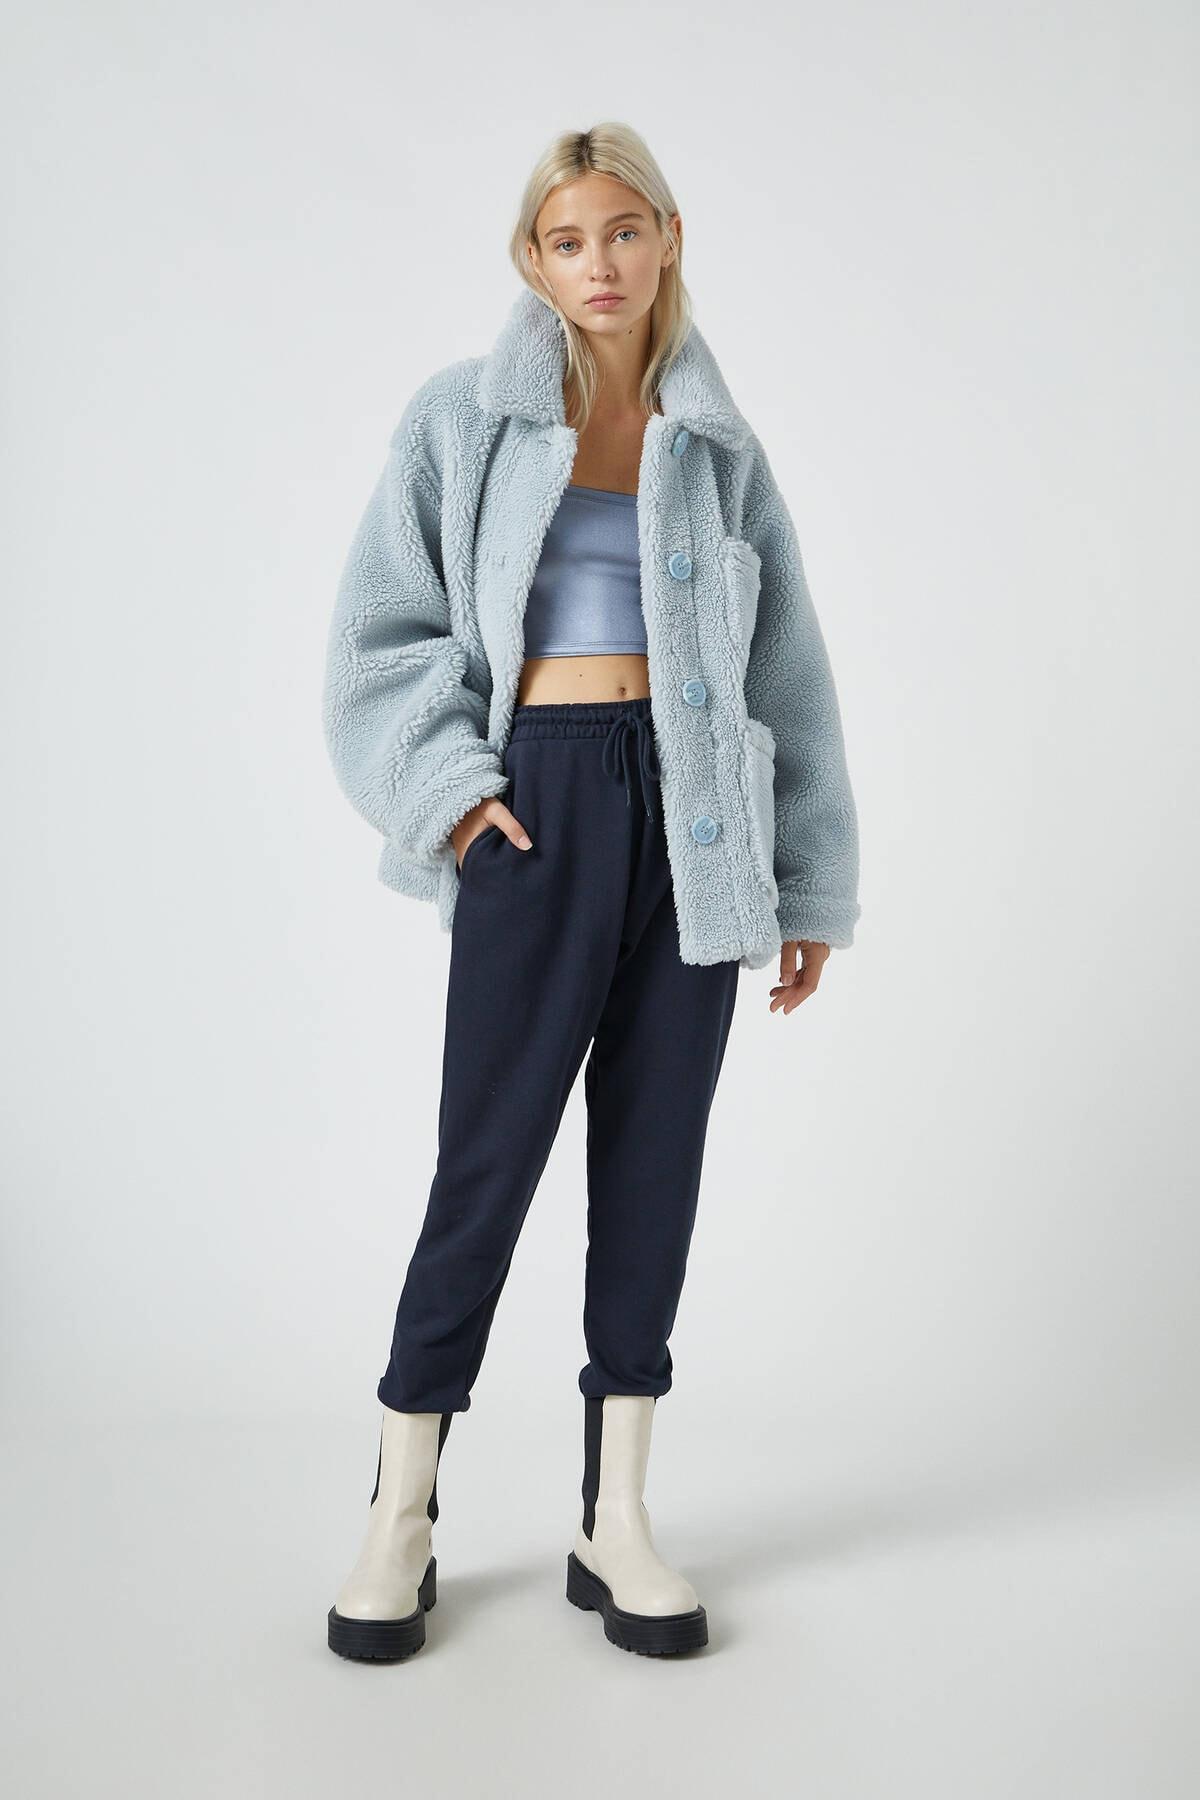 Pull & Bear Kadın Lacivert Elastik Paçalı Basic Jogger Pantolon 09678407 1